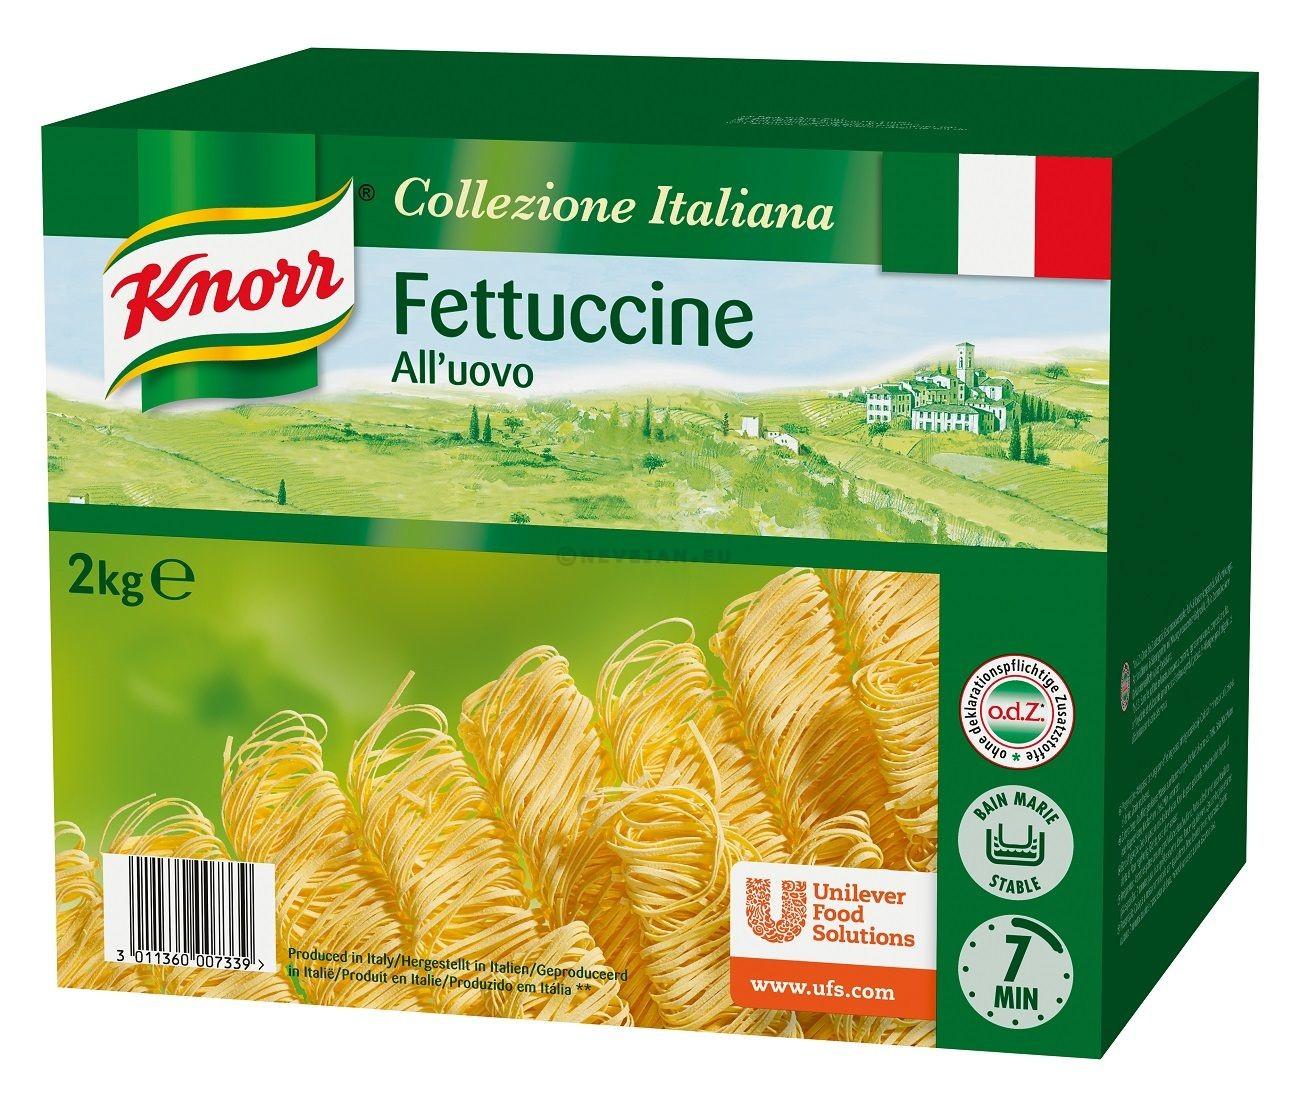 Knorr Pates Fettuccini All'Uovo 2kg Collezione Italiana